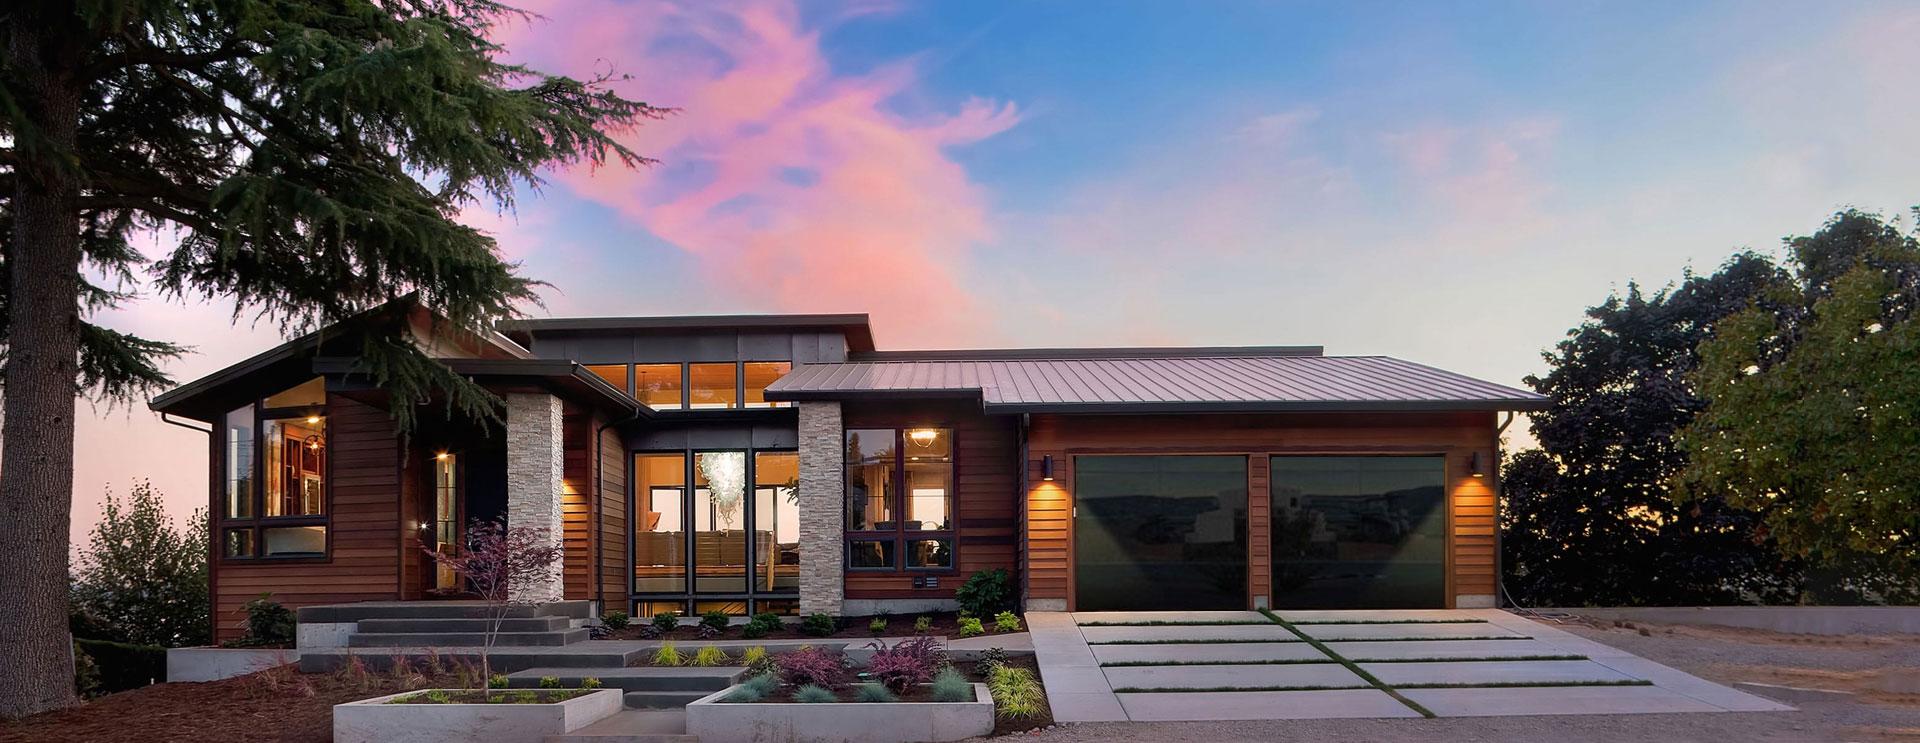 Wasatch Overhead Door Residential And Commercial Garage Doors